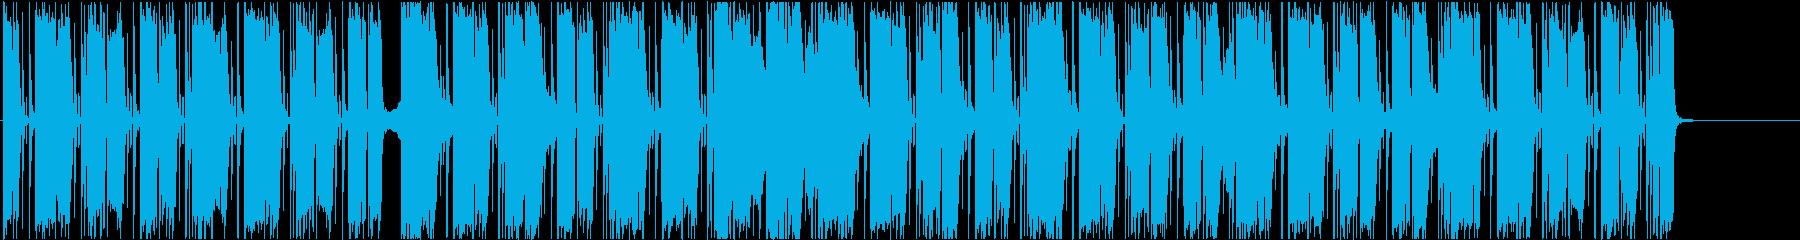 シリアスなシンセが印象的!インストですの再生済みの波形